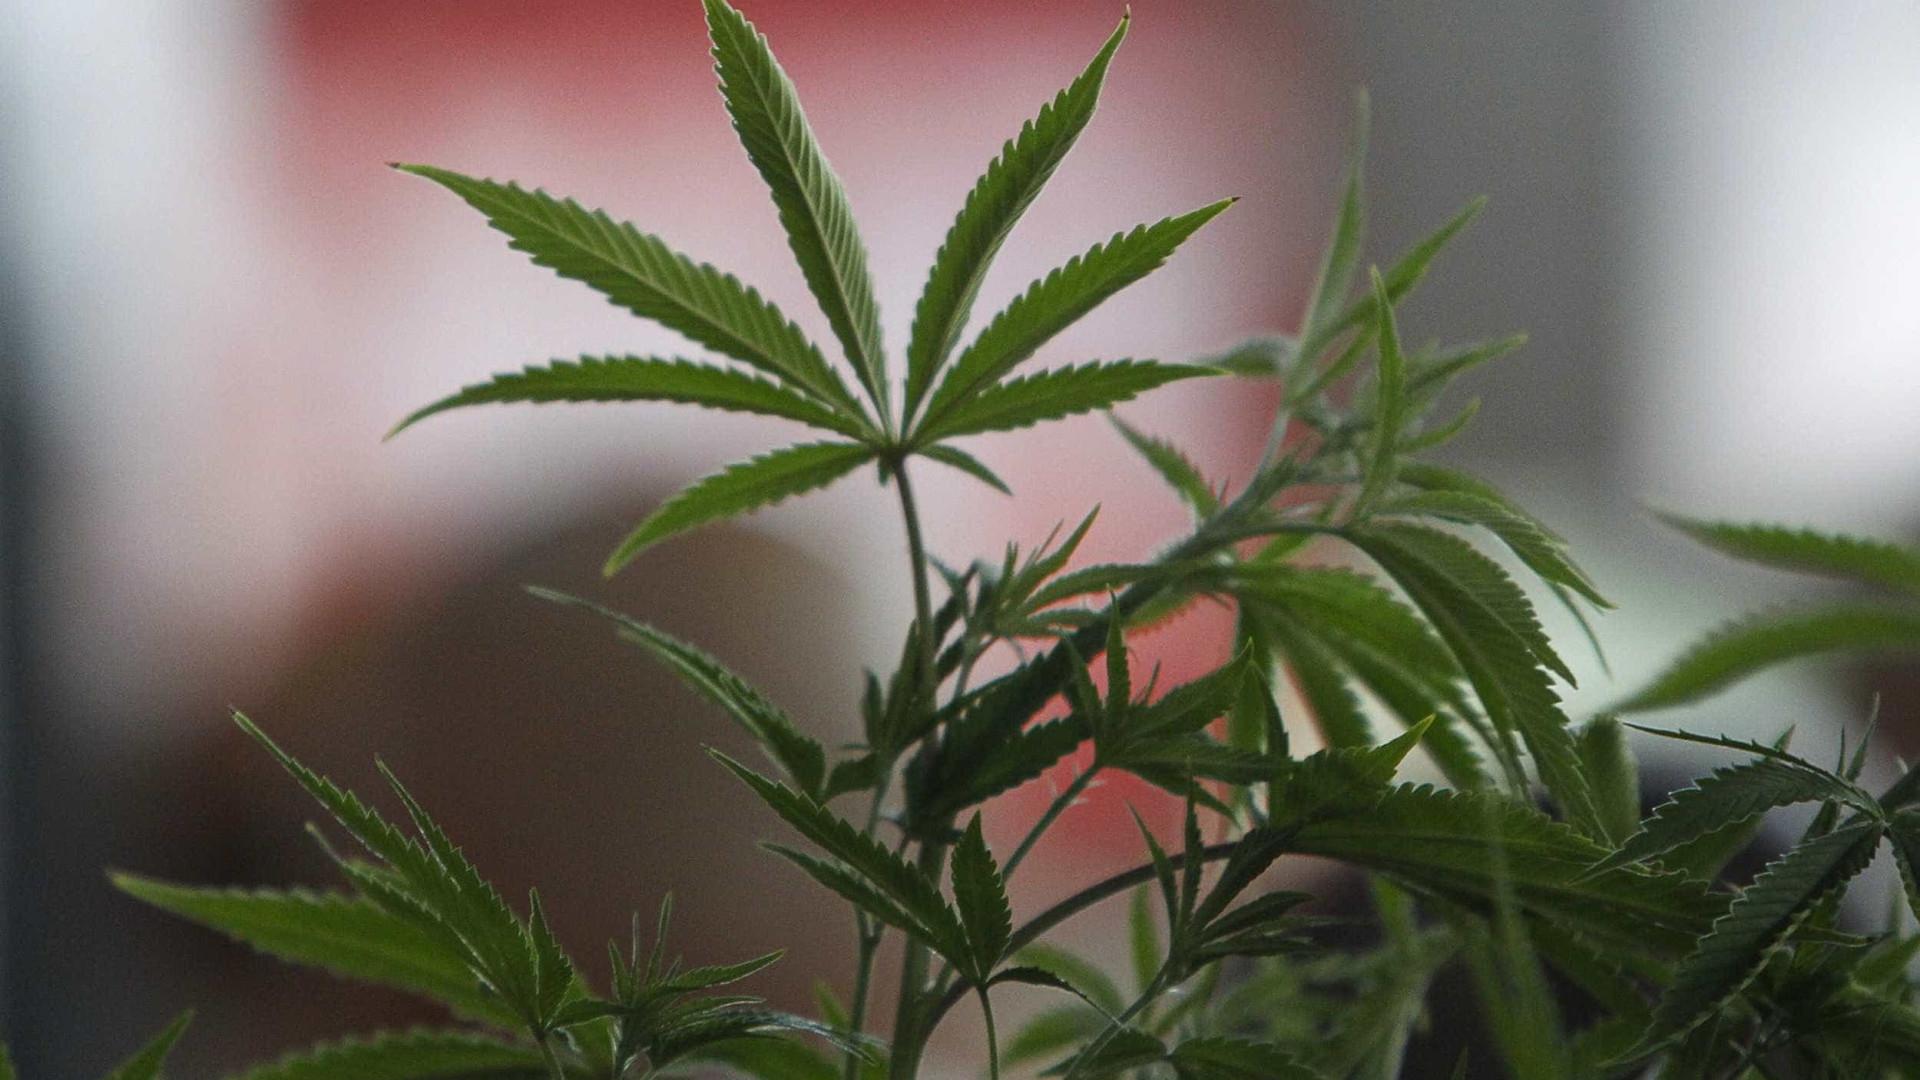 Senado do Canadá aprova legalização da maconha